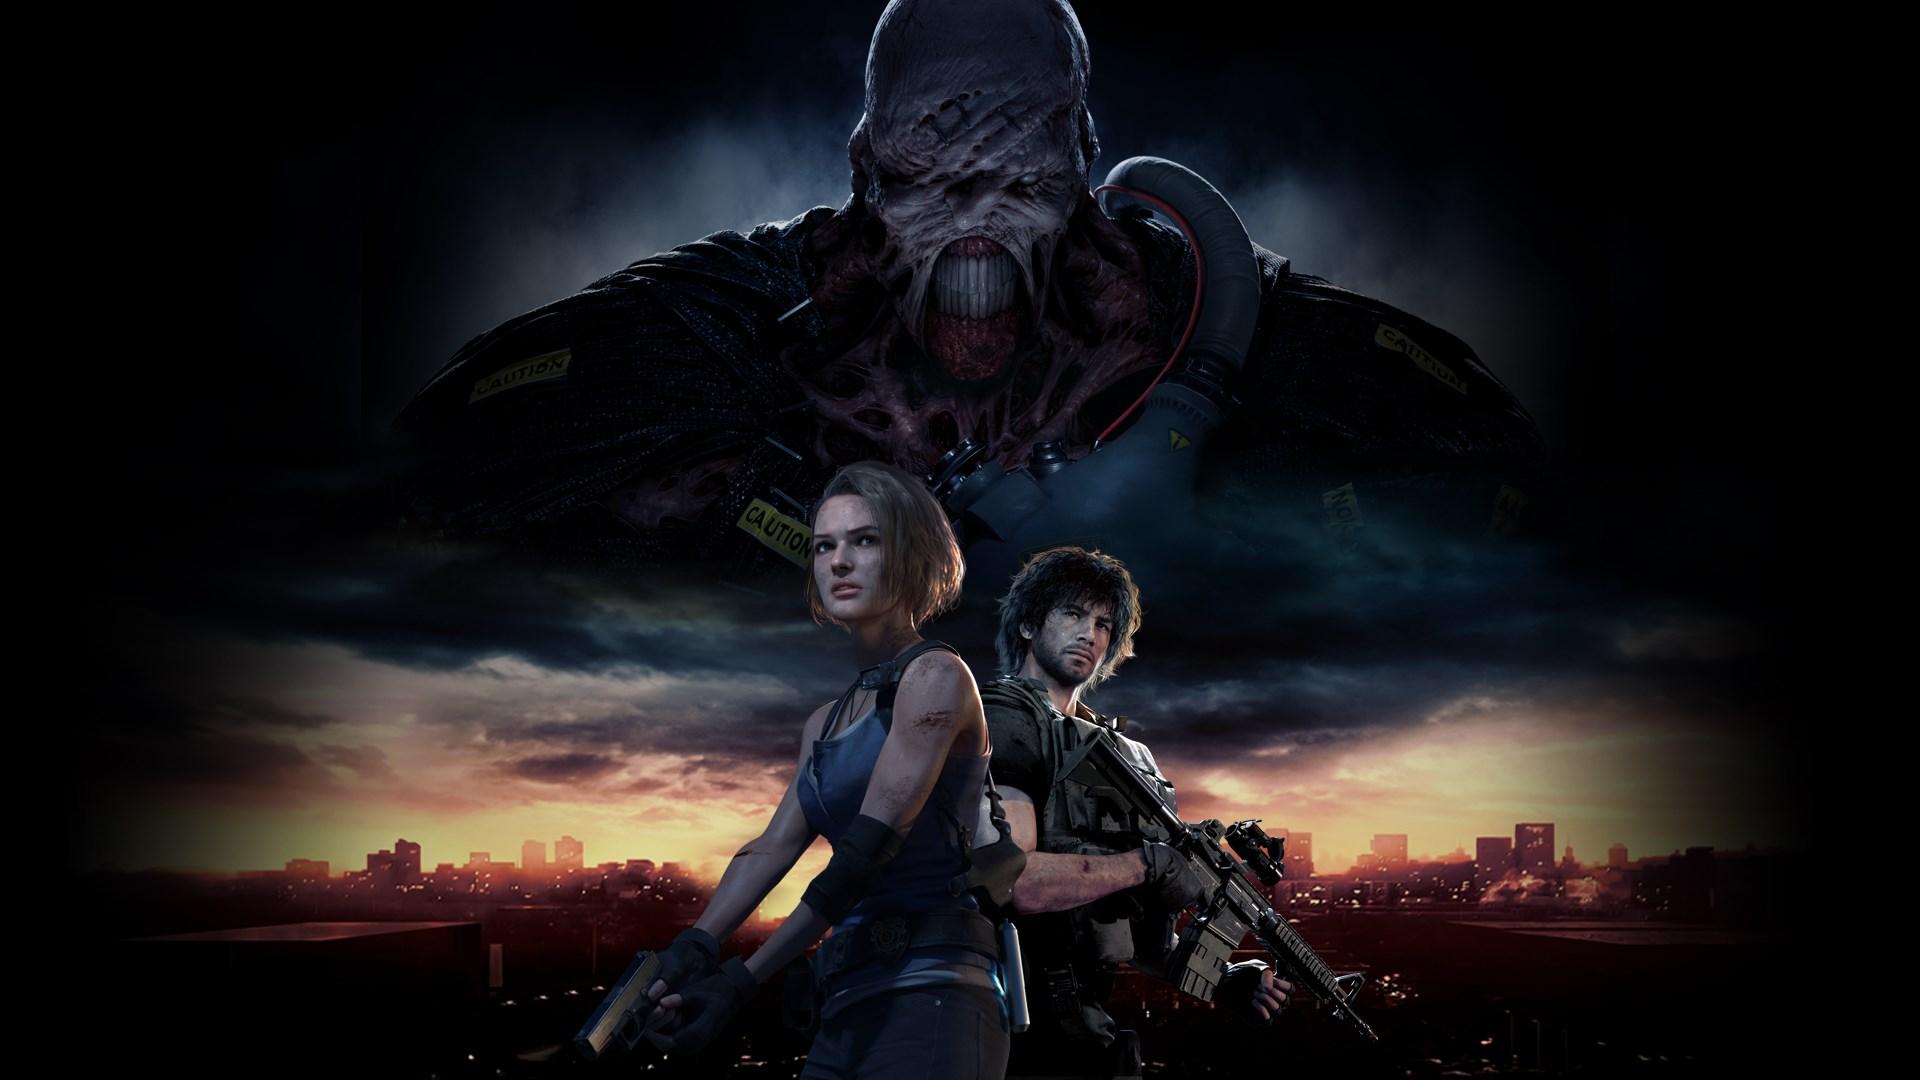 Análise |  Resident Evil 3 é pouco OUSADO, mas muito divertido